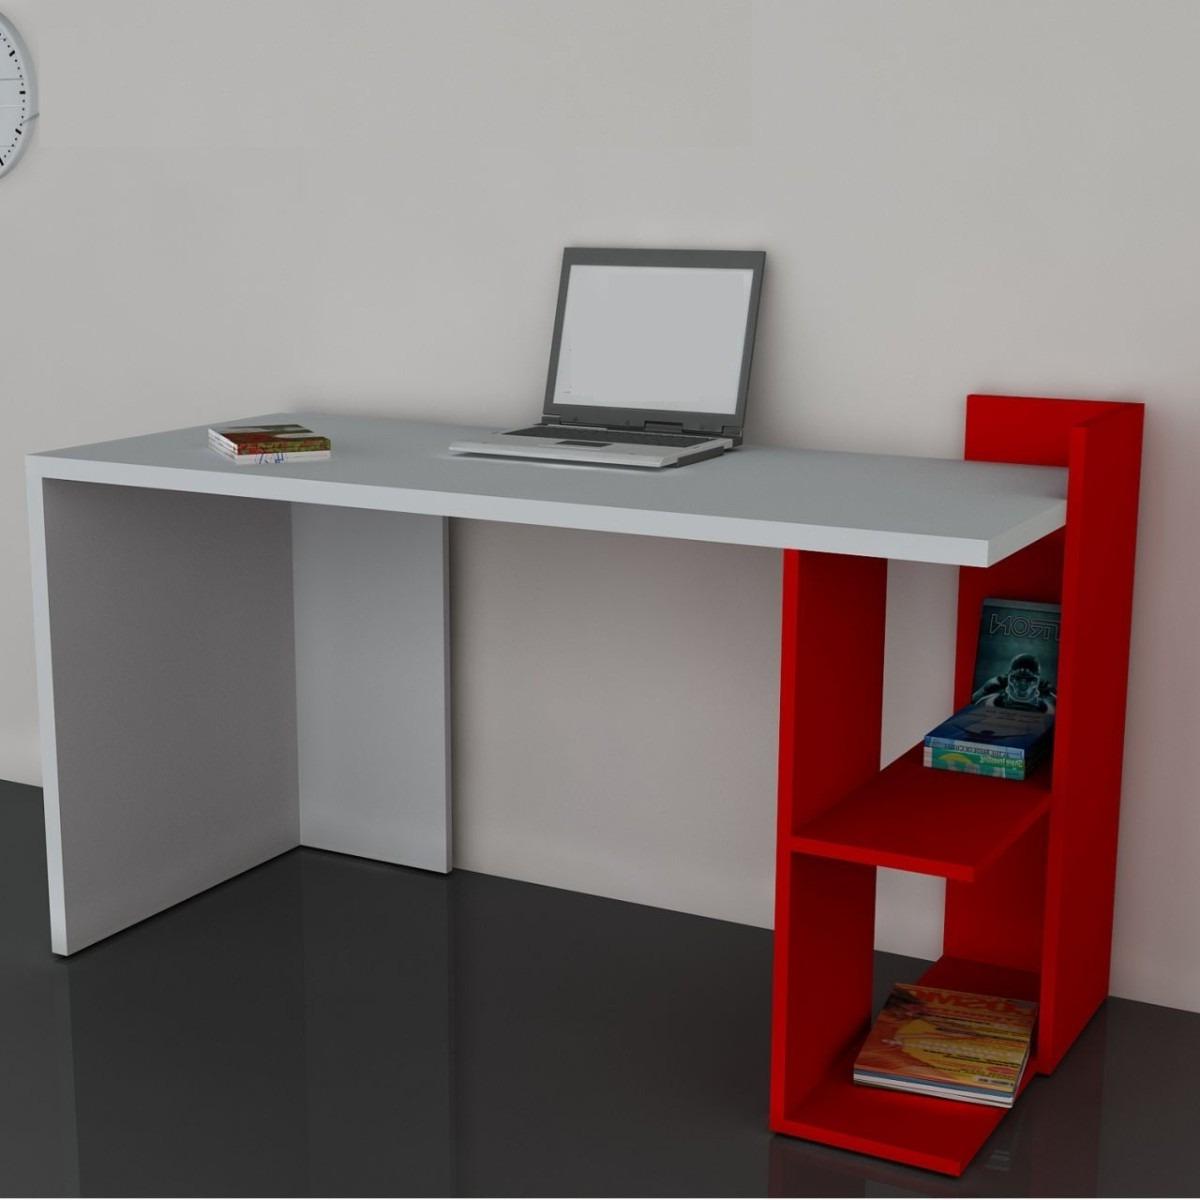 Mueble Escritorio Thdr Escritorio Moderno Mesa Pc Notebook Mueble De Oficina 3 291 00